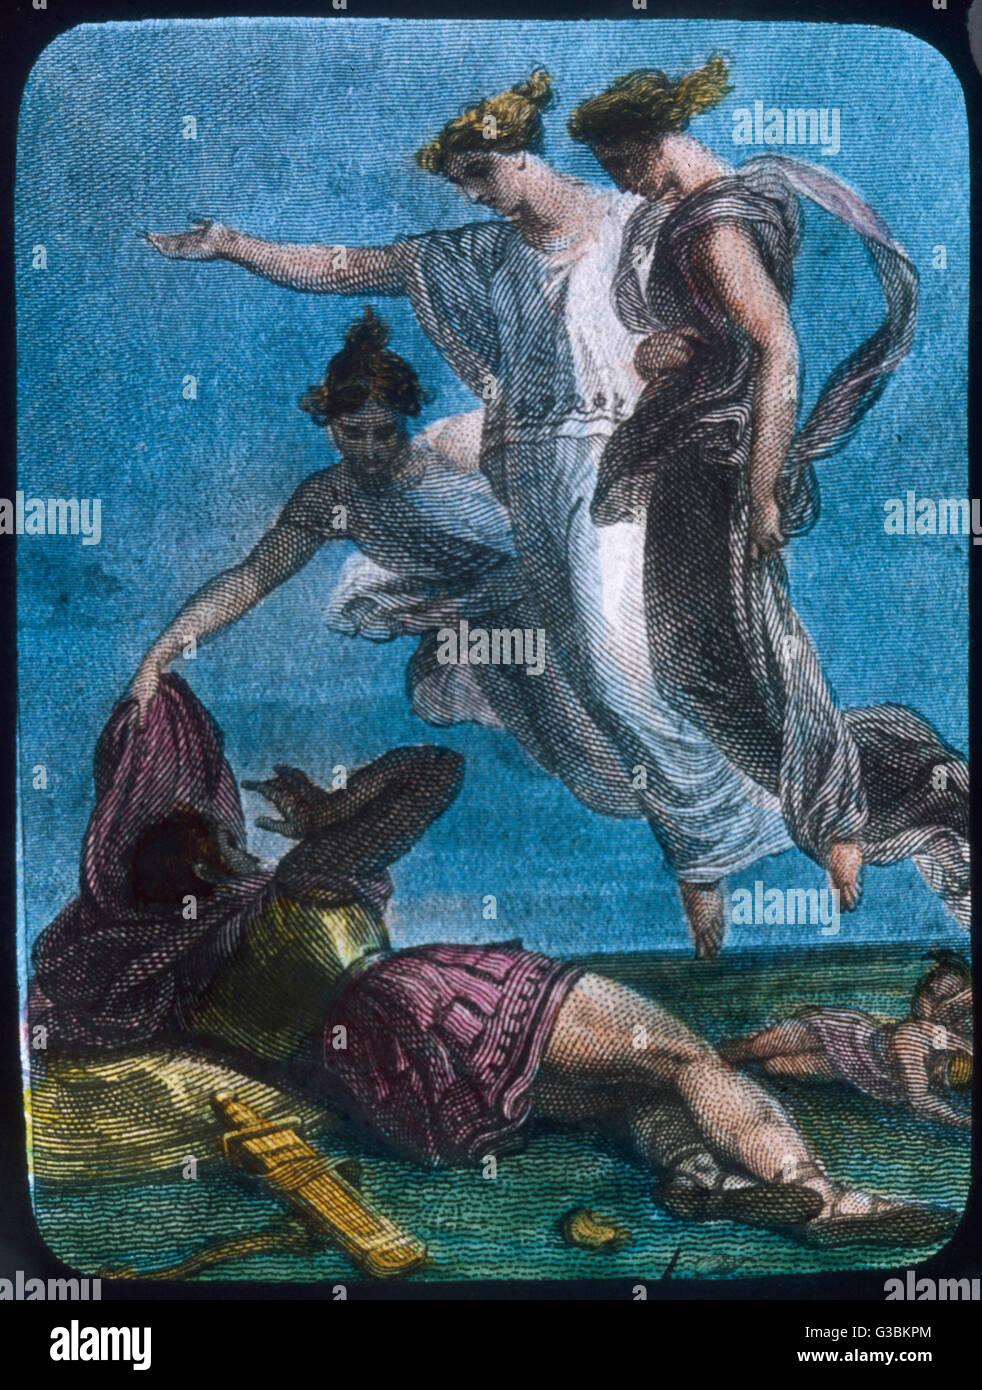 Fairy origini : Ninfe nella leggenda classica tendono un guerriero caduto. Immagini Stock